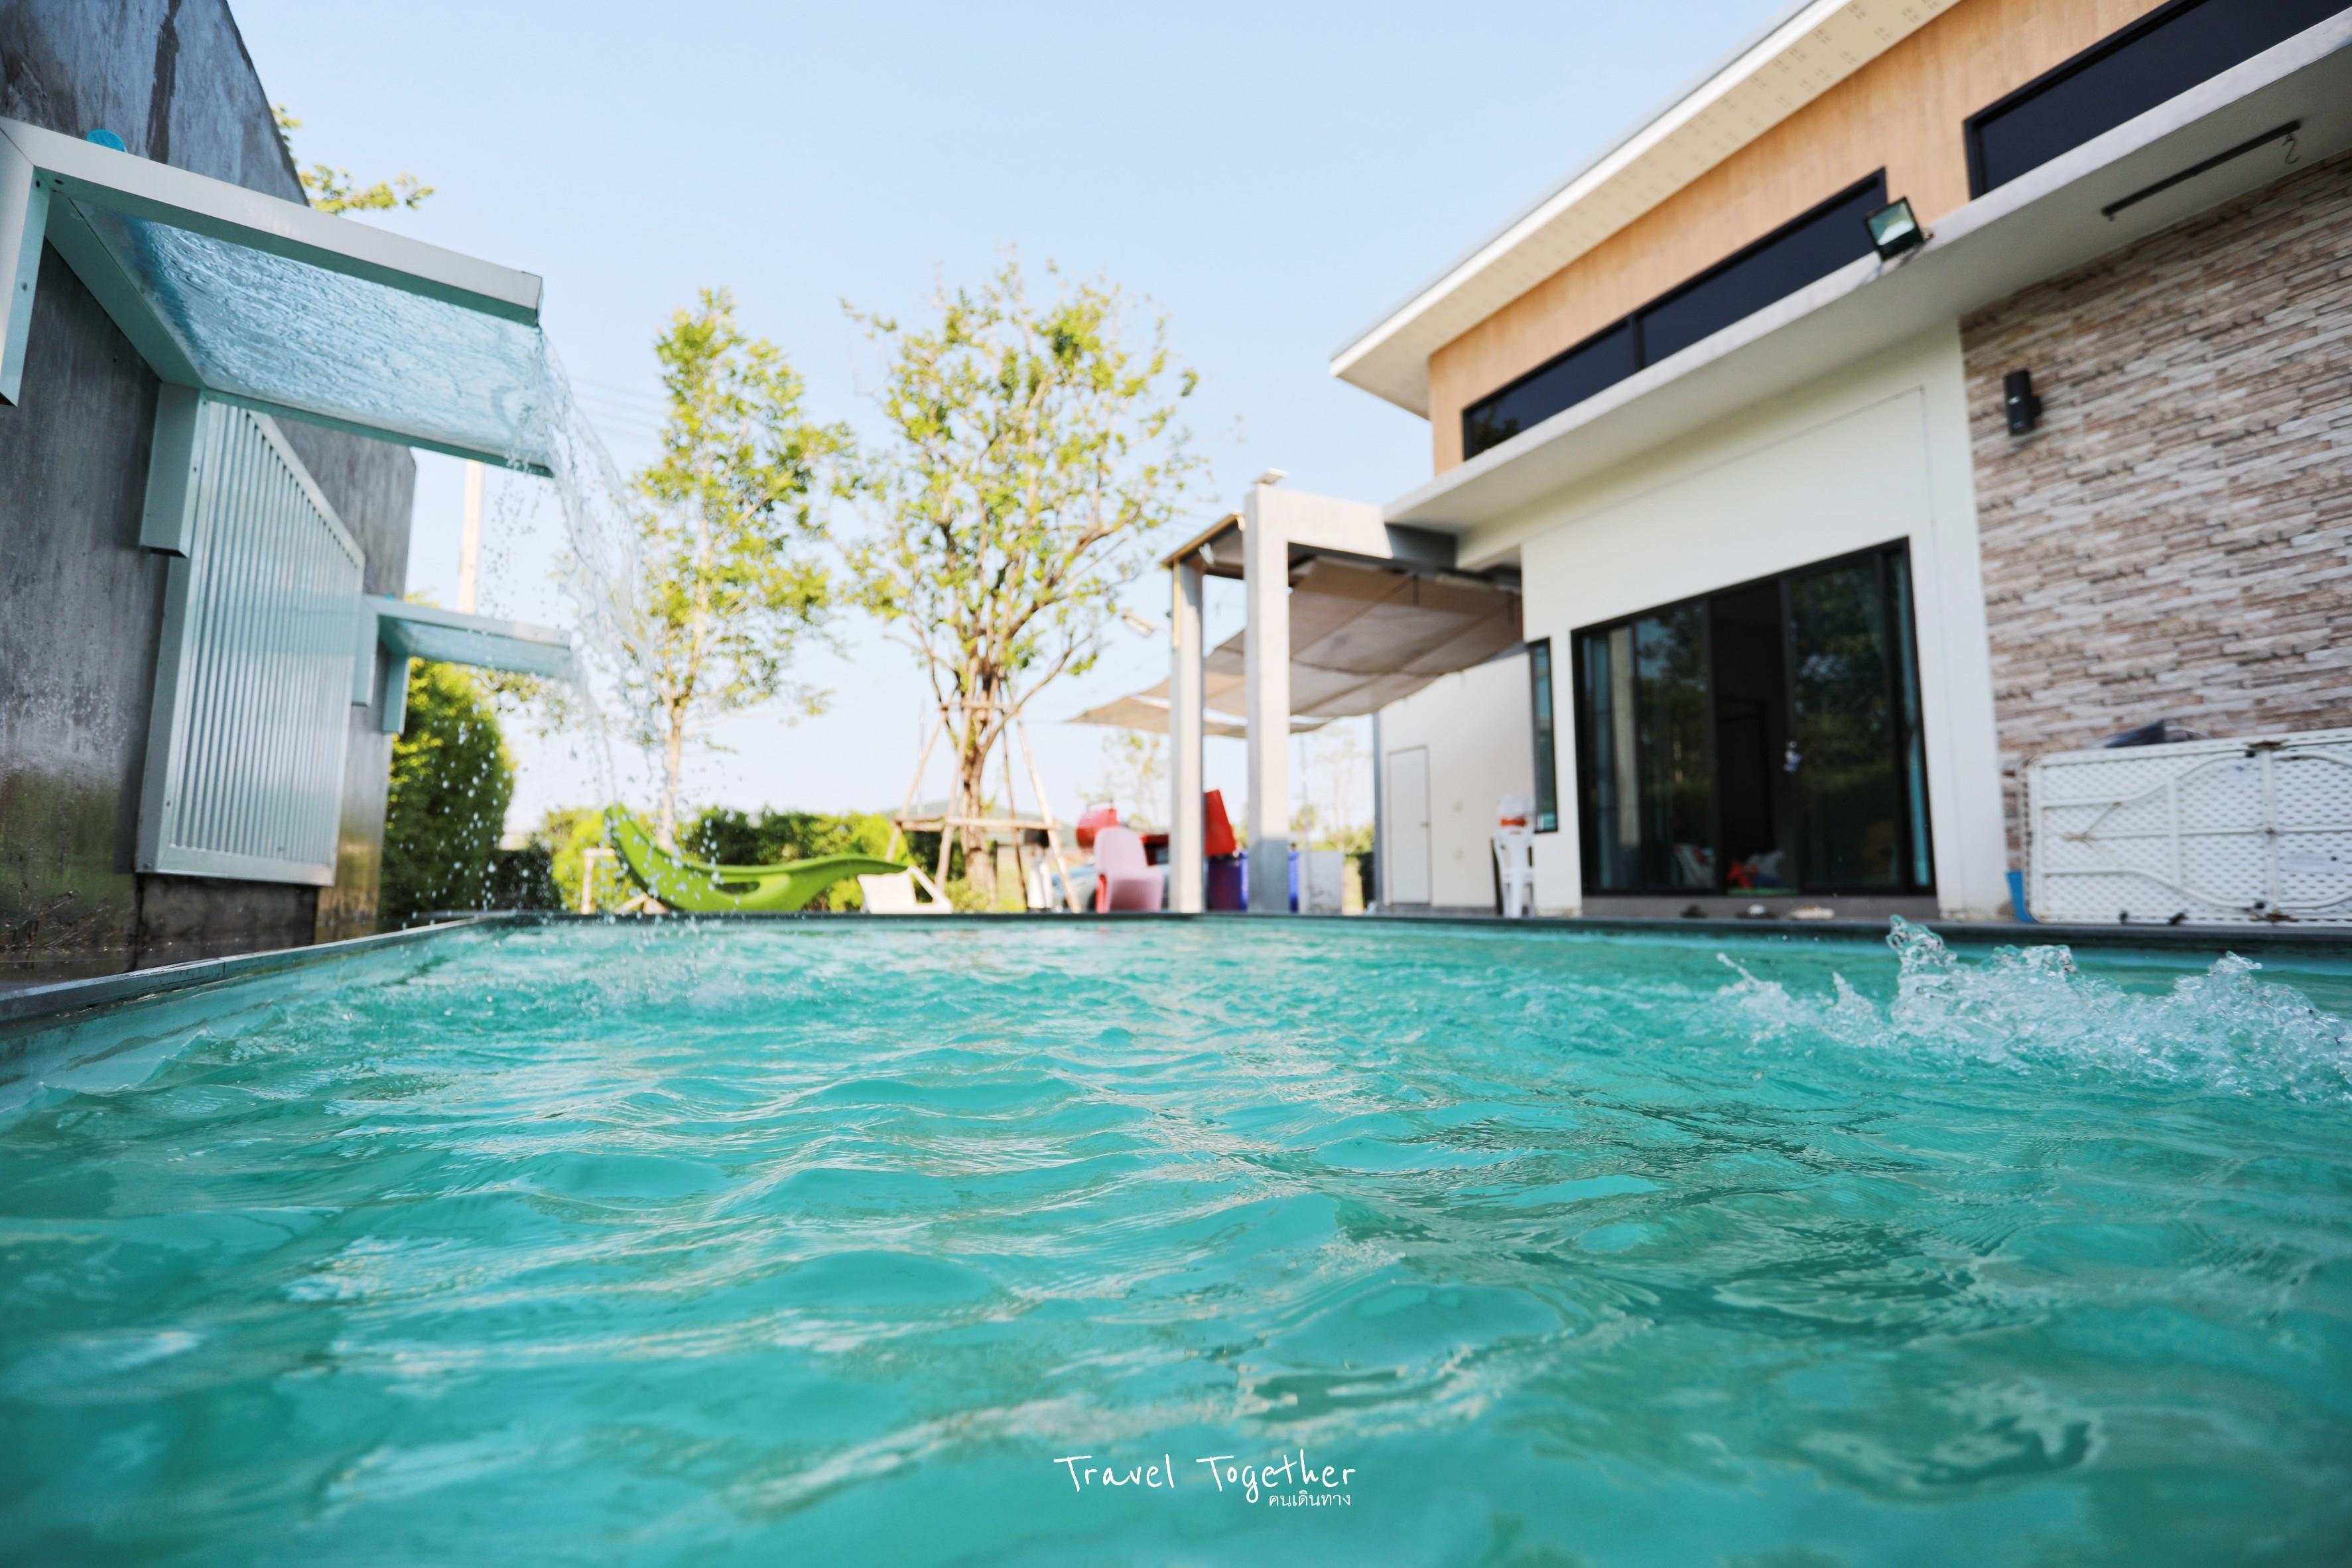 Sattahip Pool Villa บ้านพักพร้อมสระส่วนตัว ที่เที่ยวรายล้อม เดินทางง่ายใกล้กรุง